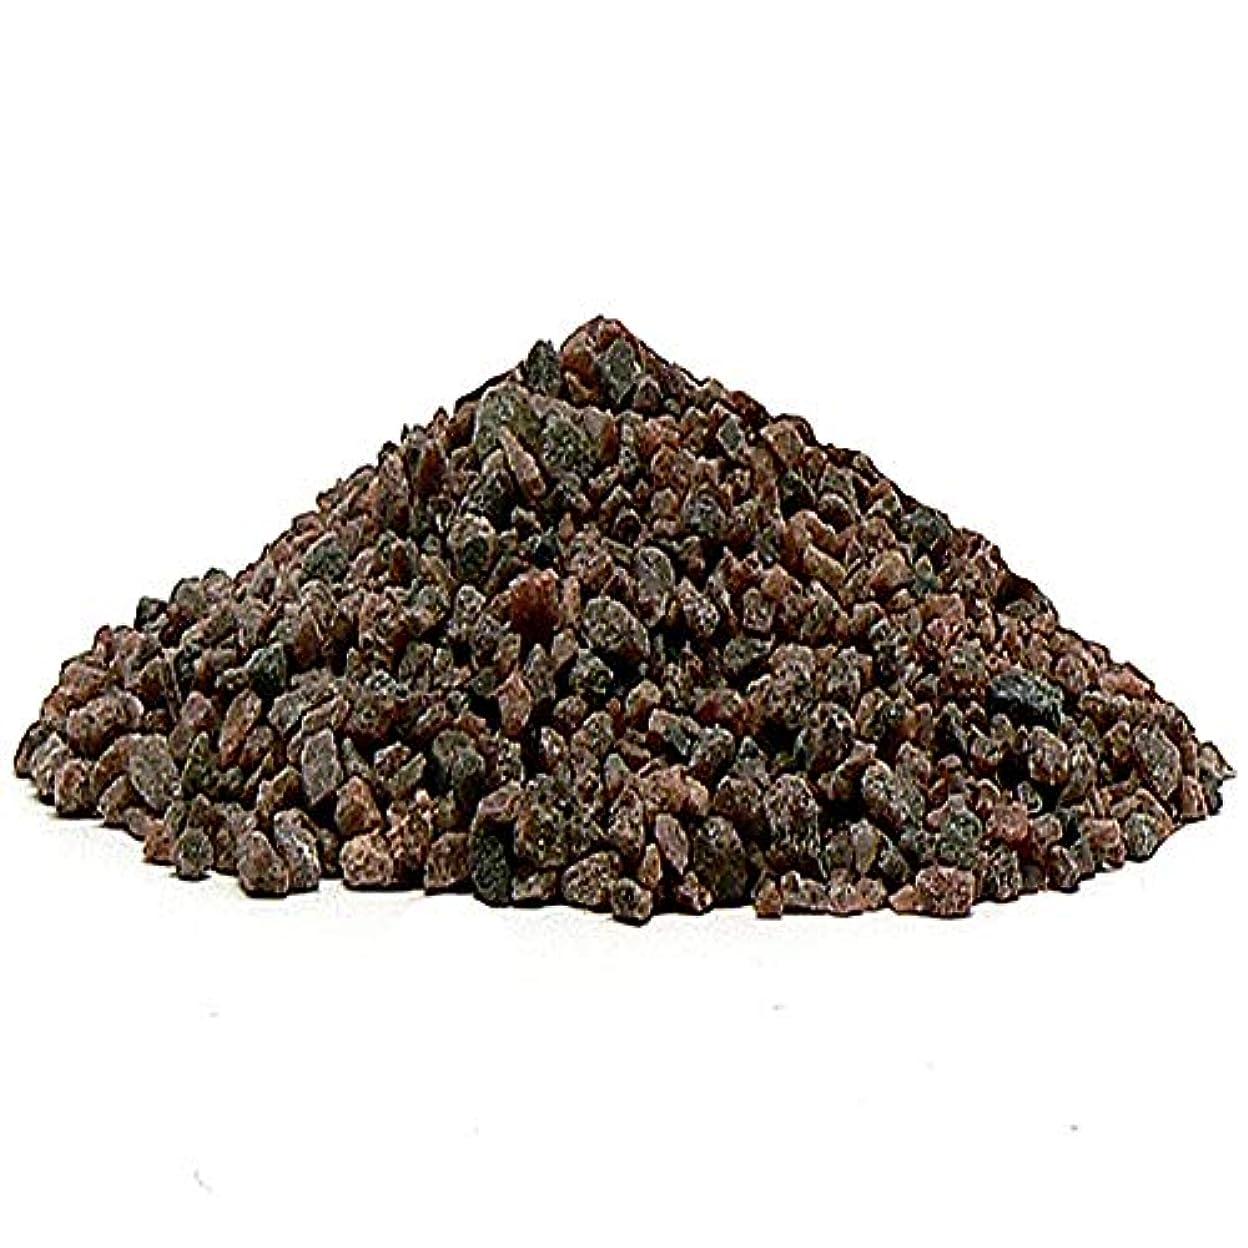 敬意豊富に文字通り増量中! ヒマラヤ岩塩 ブラックソルト 入浴用 バスソルト(小粒) 黒岩塩 (2kg+300g増量)